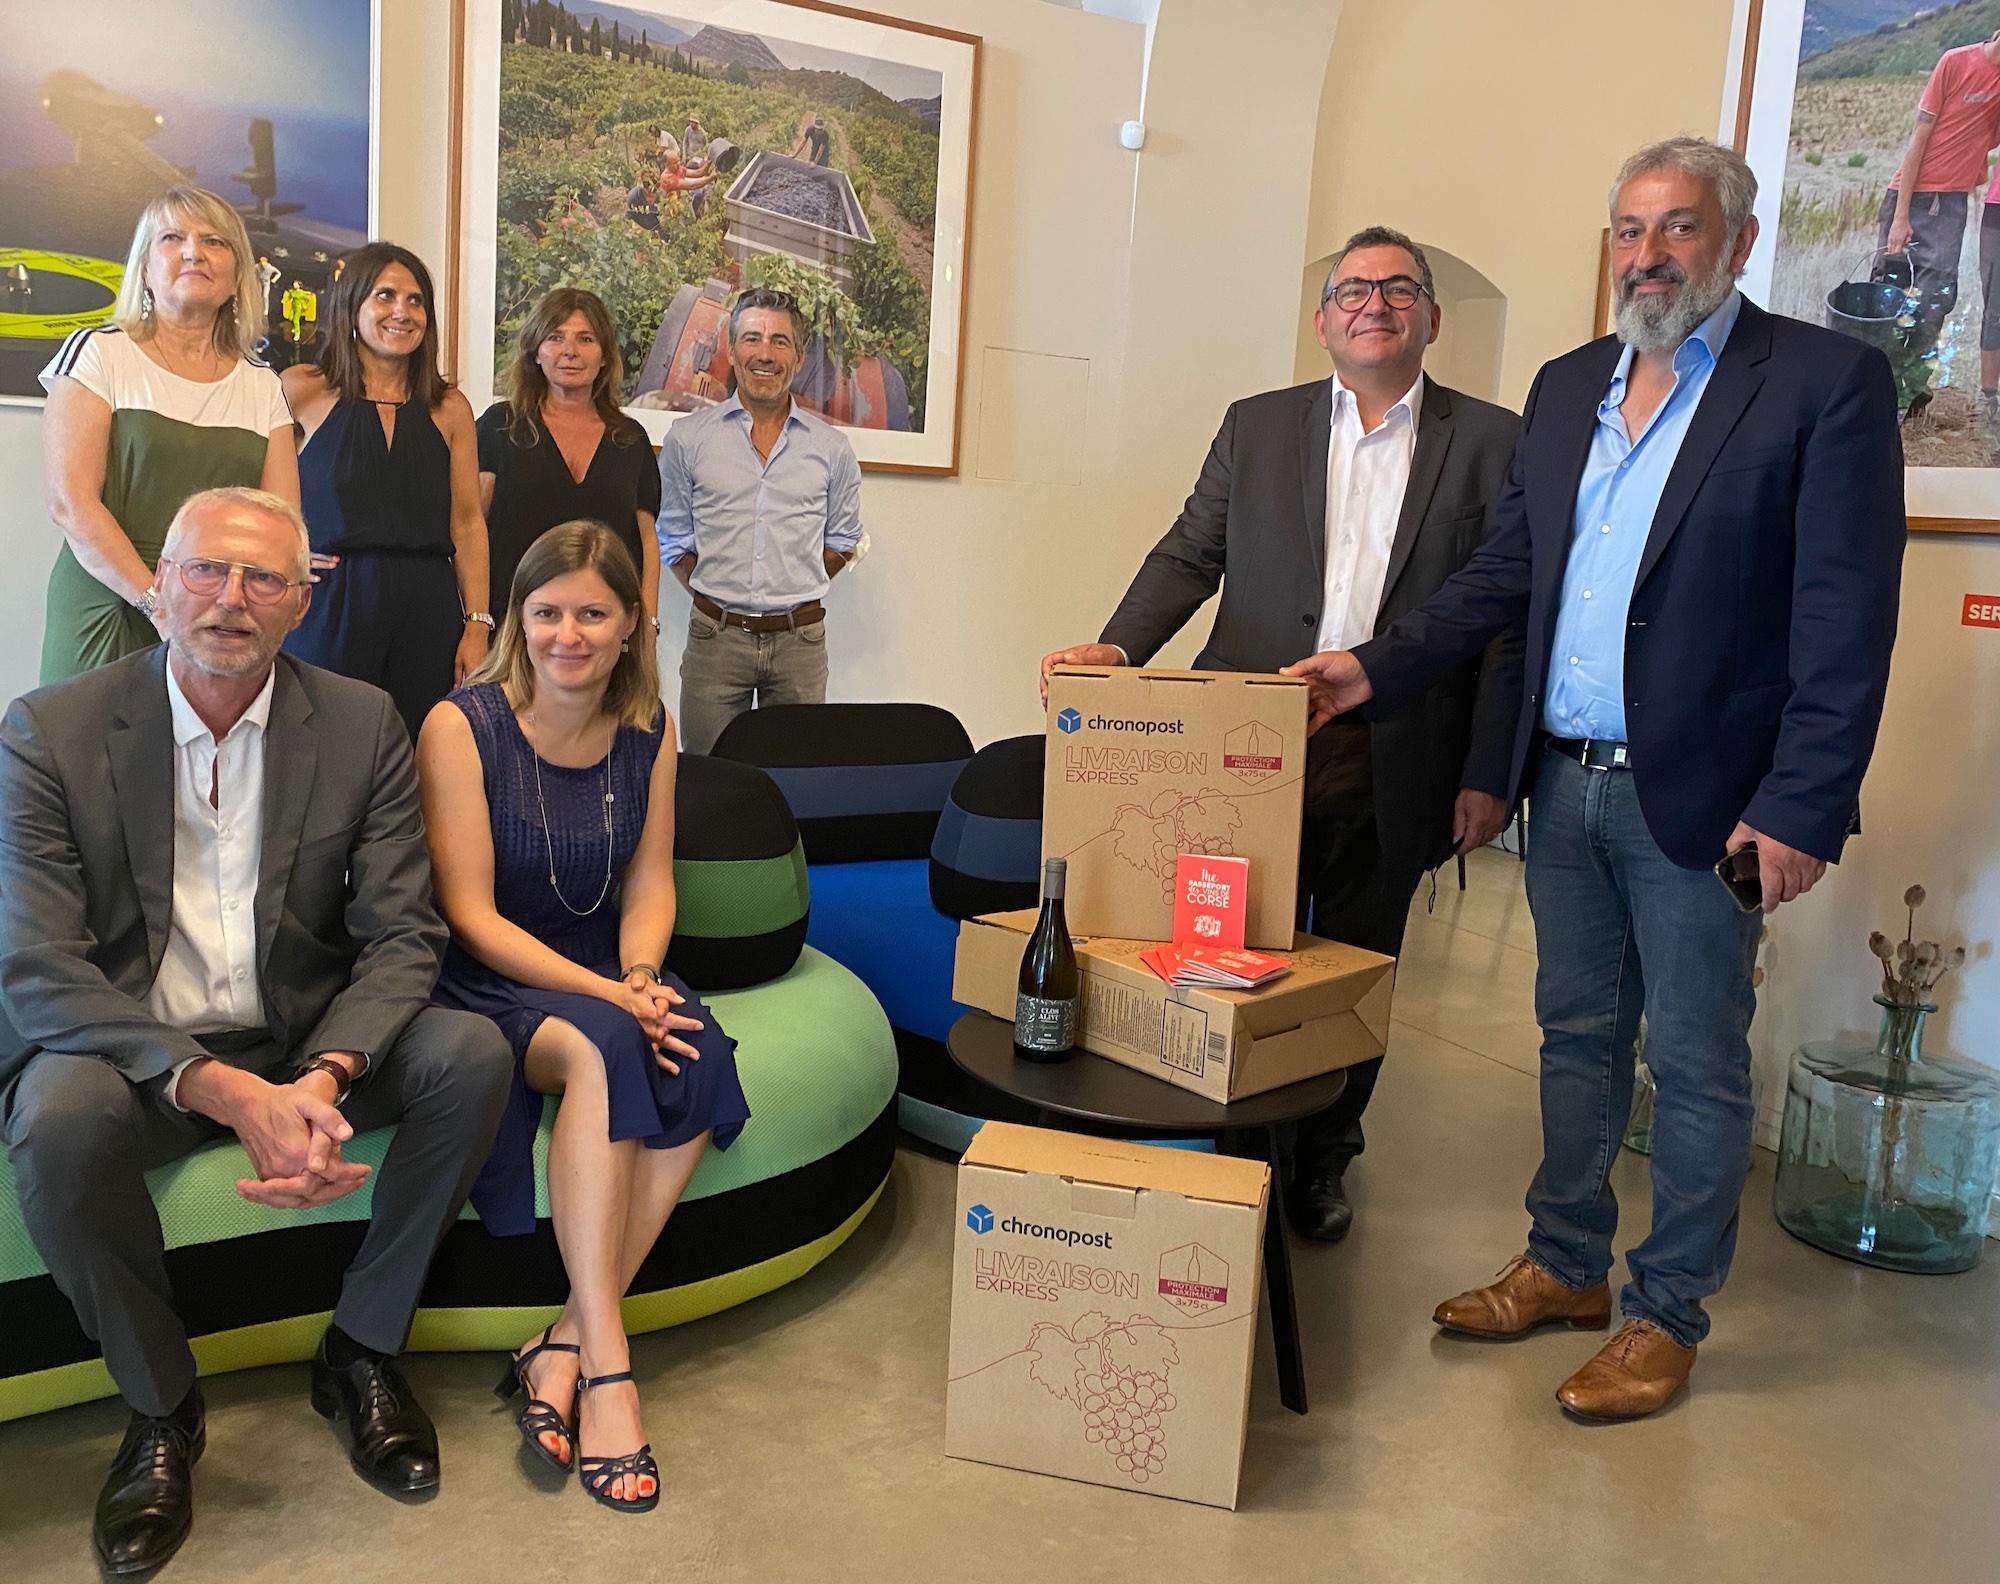 Chrono Viti propose des emballages sécurisés pour un envoi à l'international.